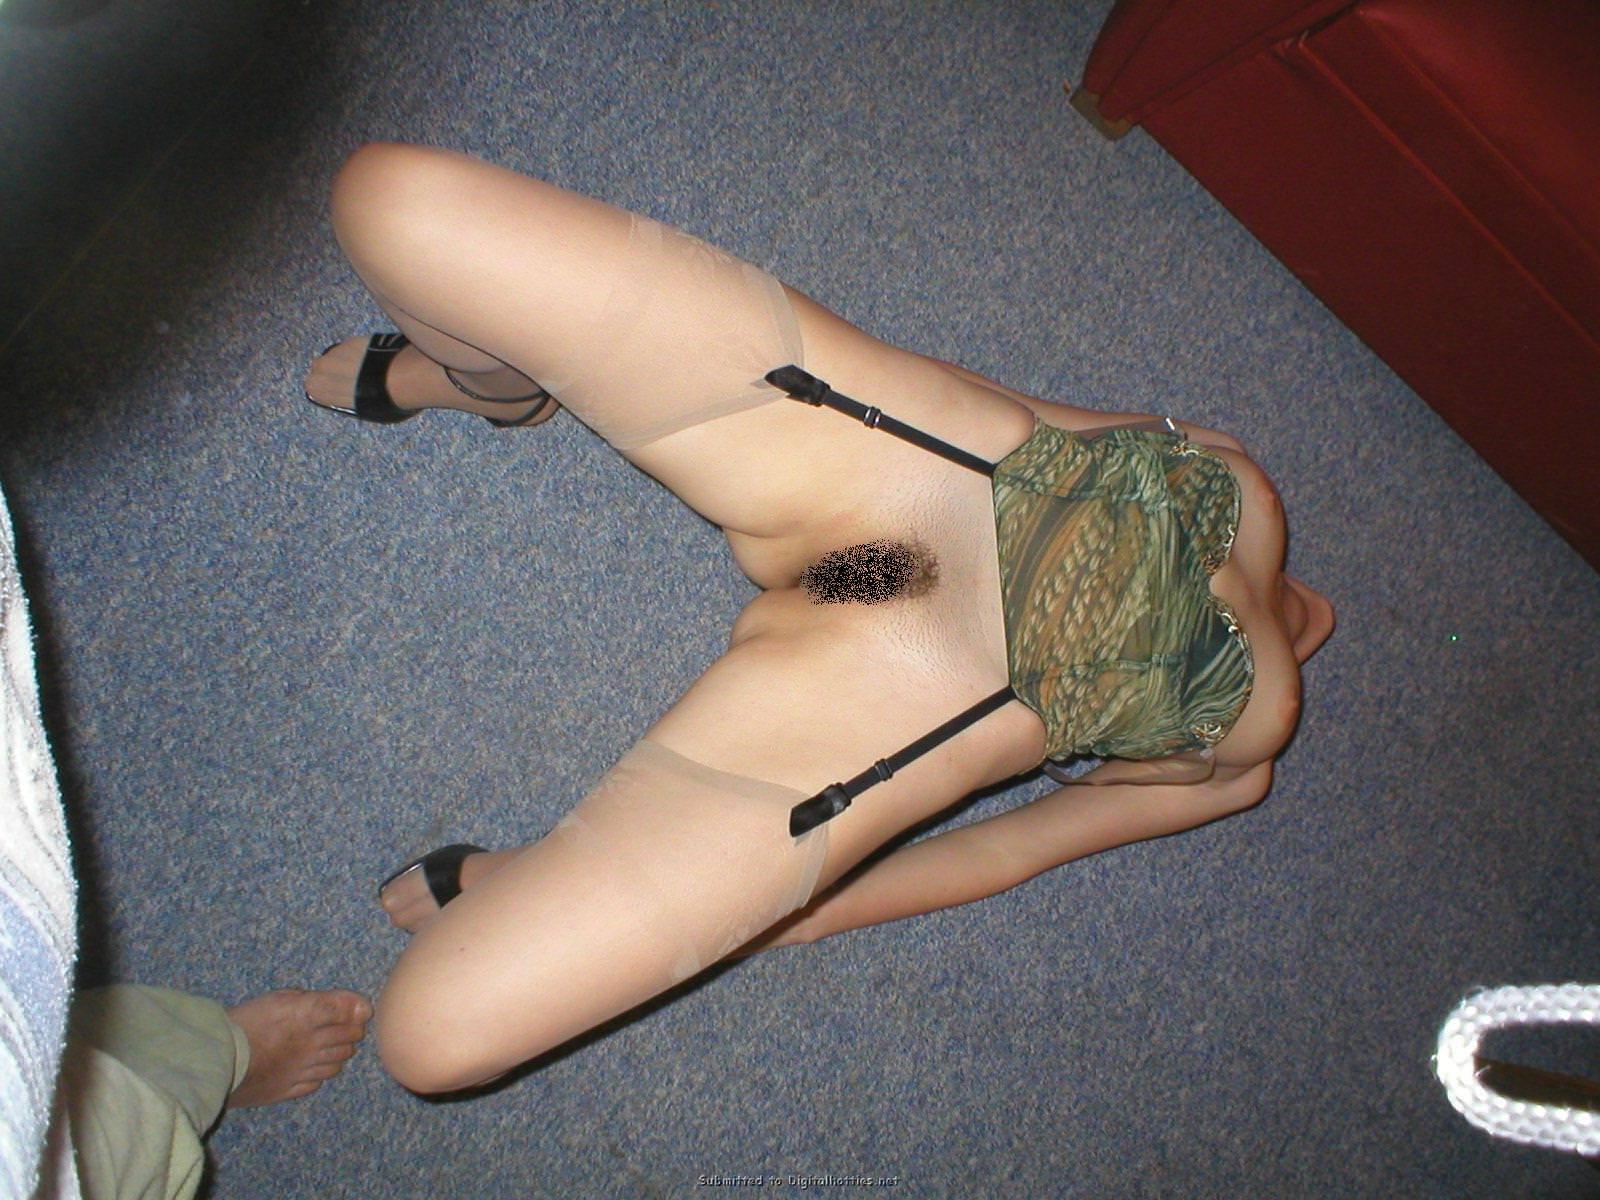 騎乗位でバコバコ突きまくって逝きまくりな変態女子のハメ撮りエロ画像 2210